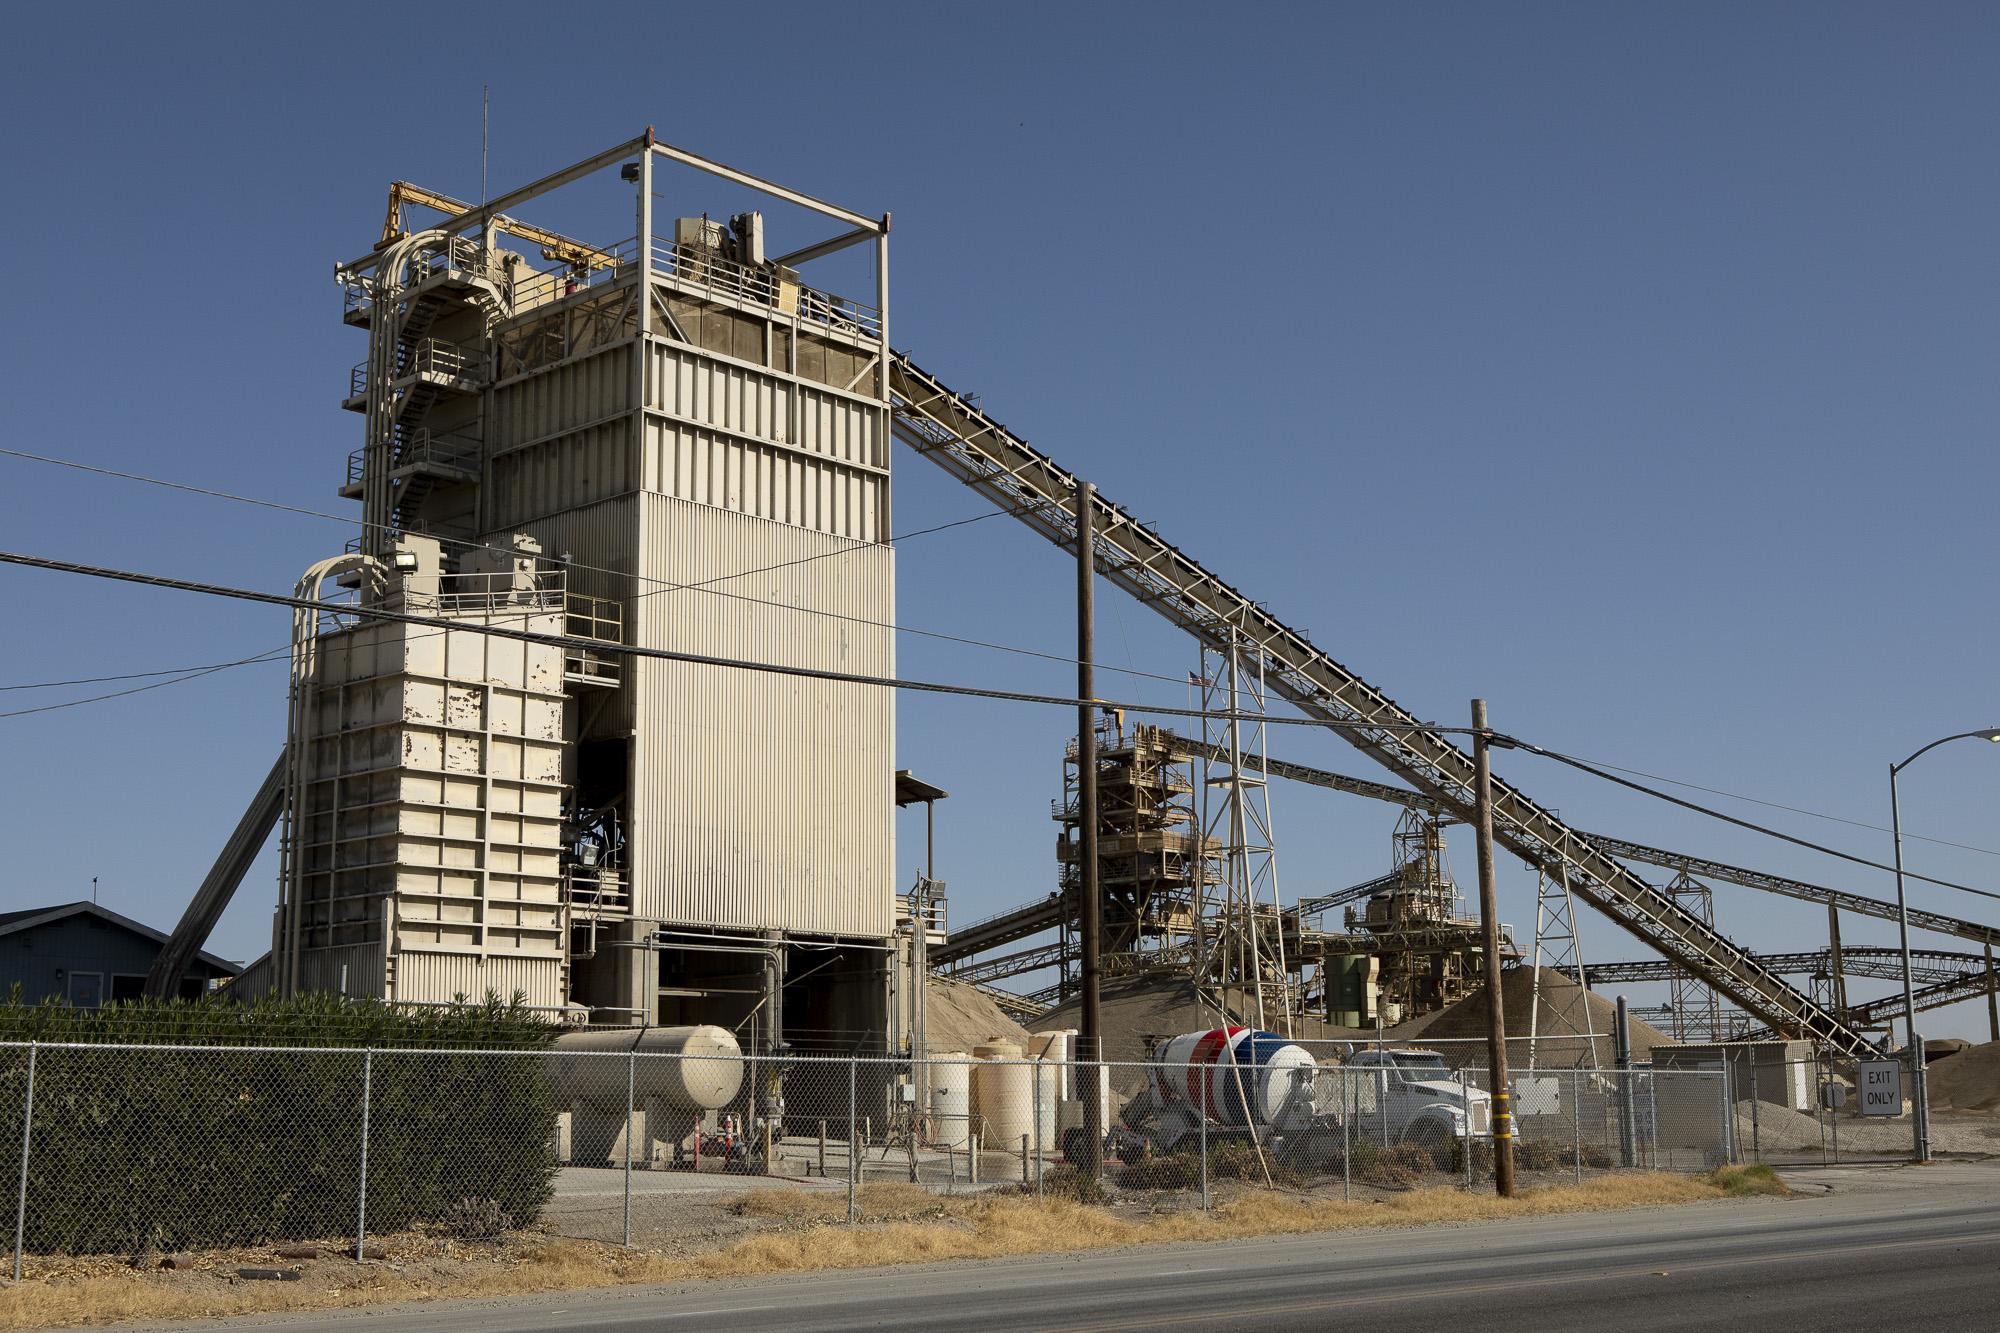 A concrete batch plant near Sacramento, California